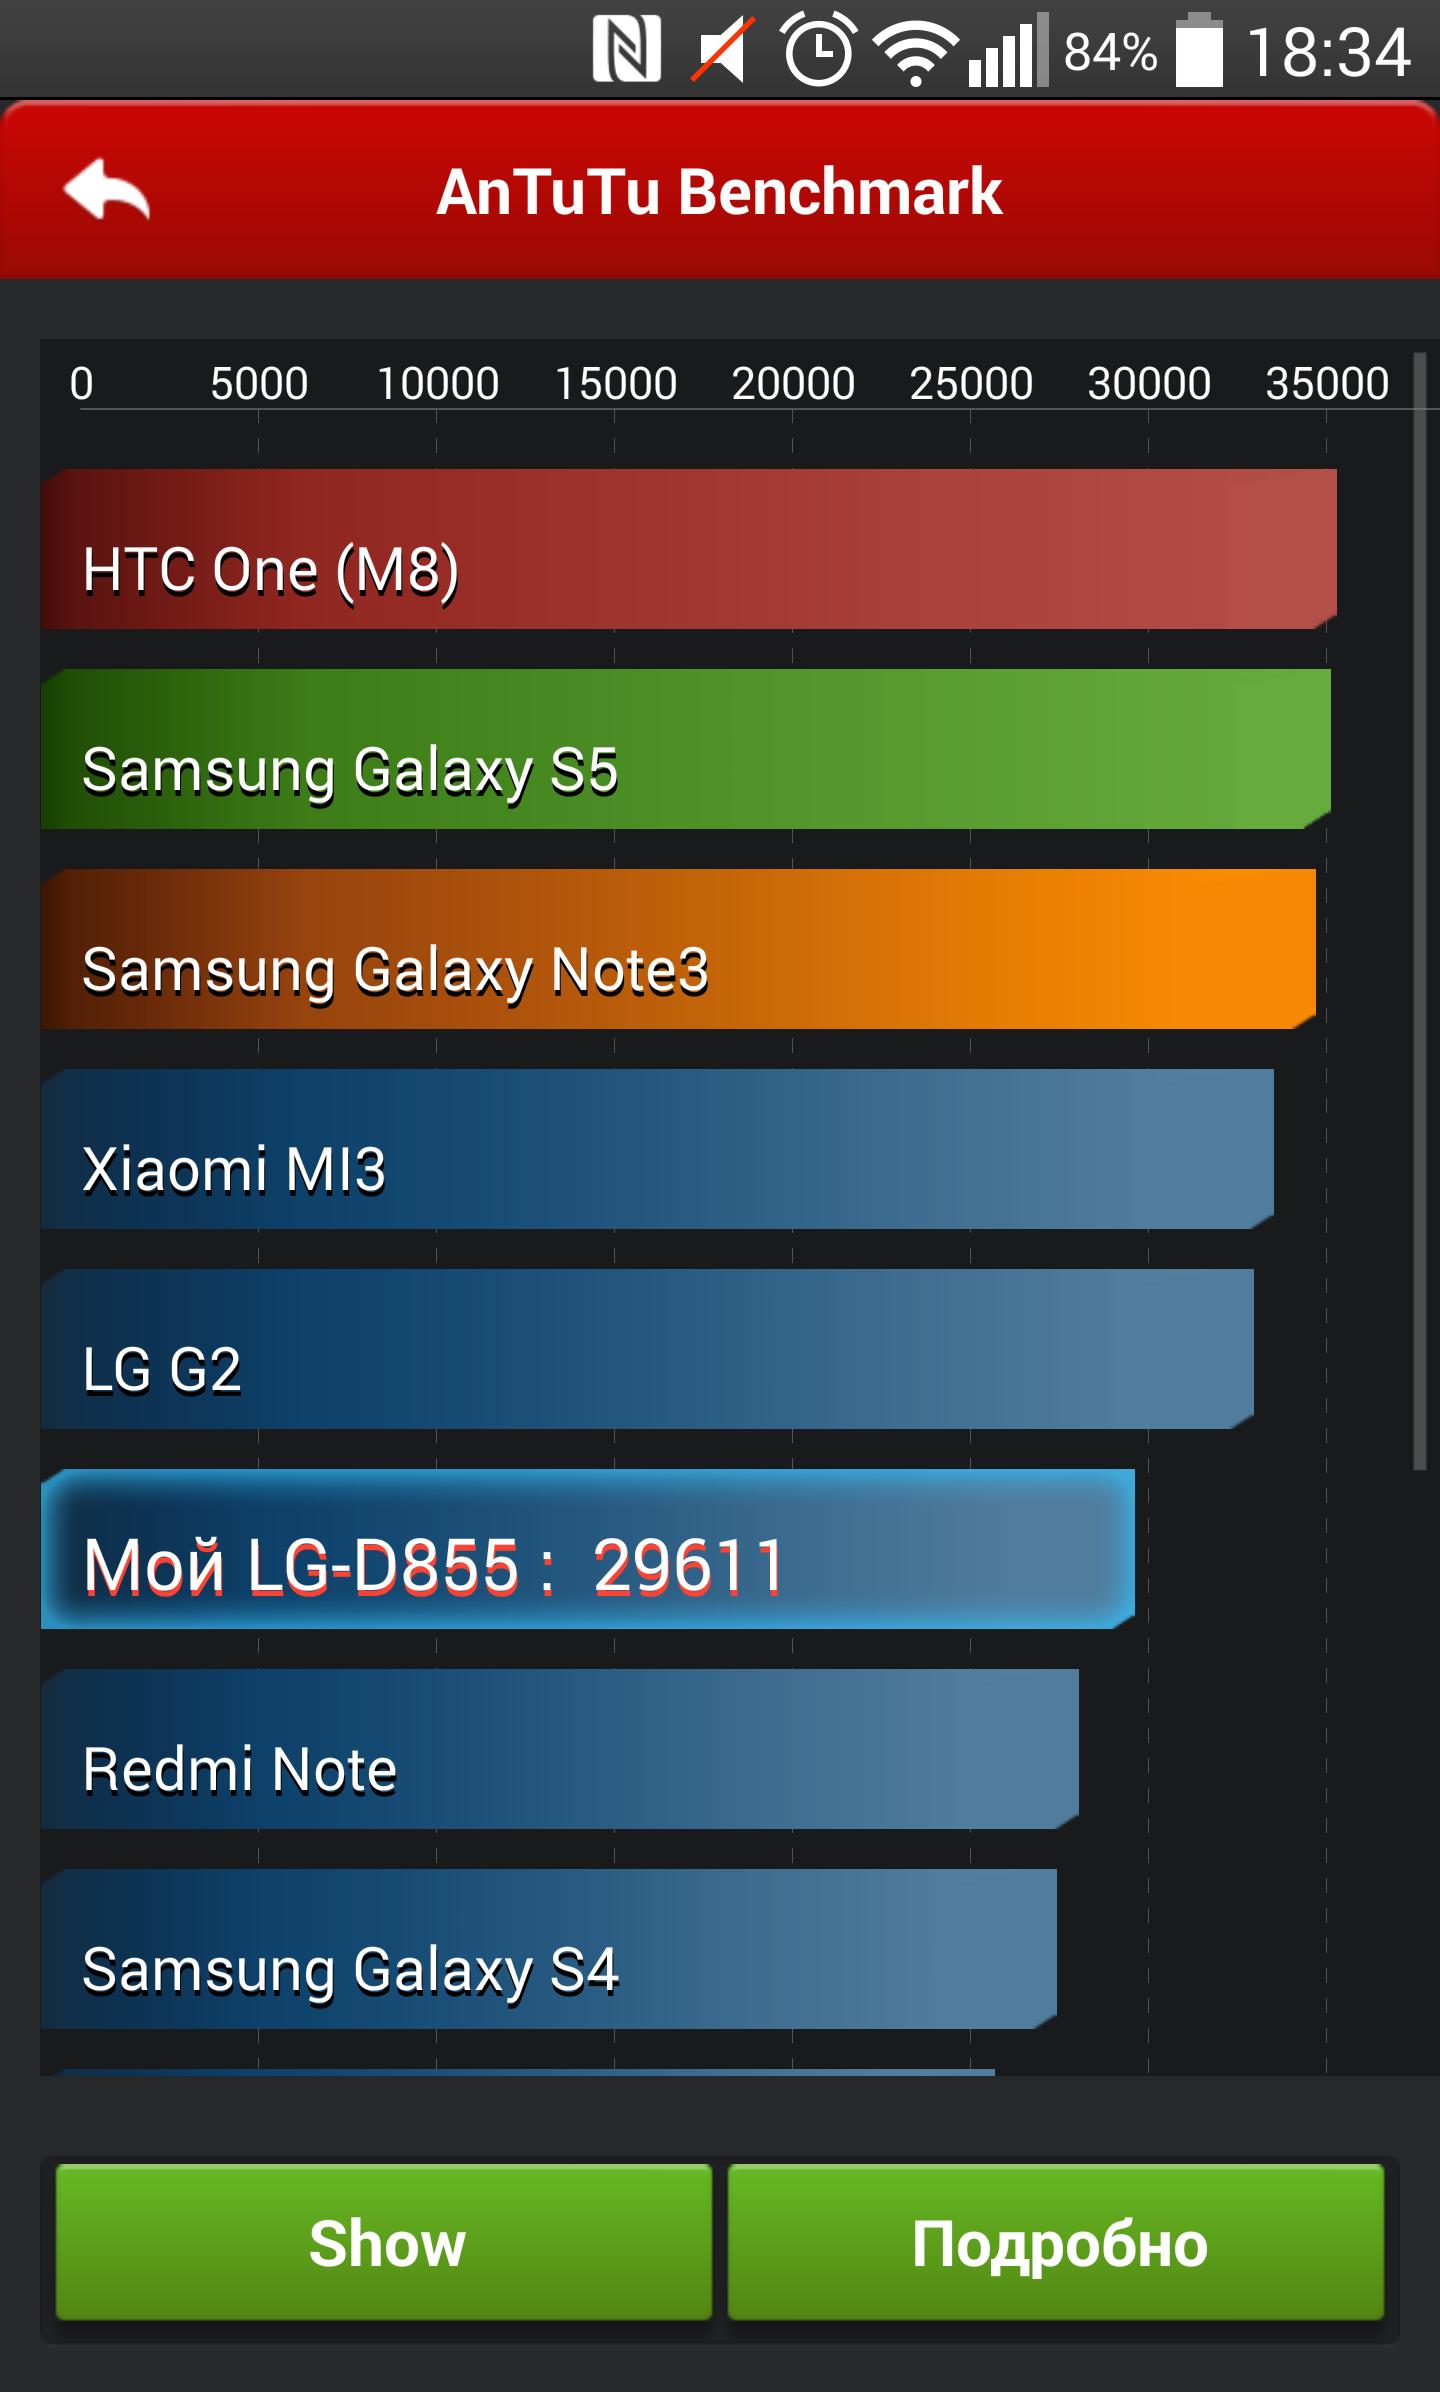 Судя по тестам, производительность LG G3 даже ниже, чем у предшественника